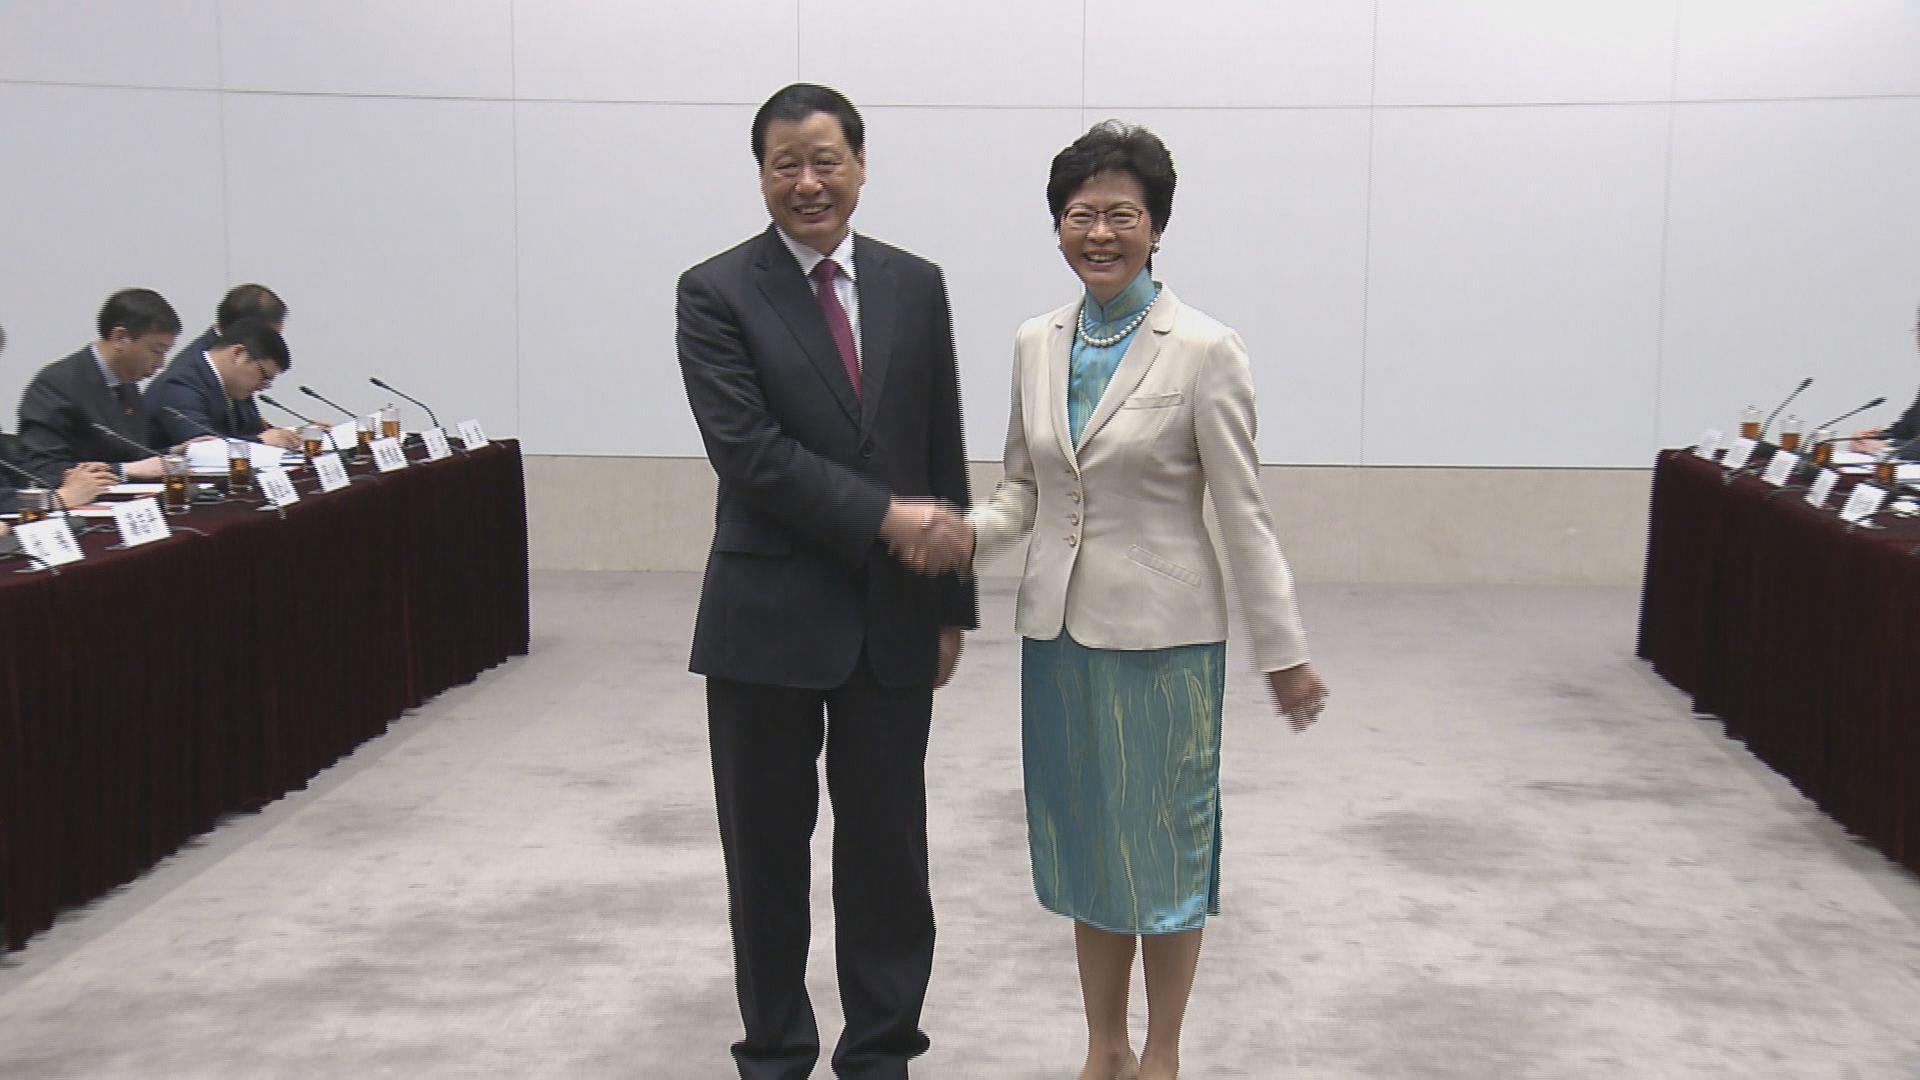 滬港合作會議 林鄭倡滬港合作推動發展